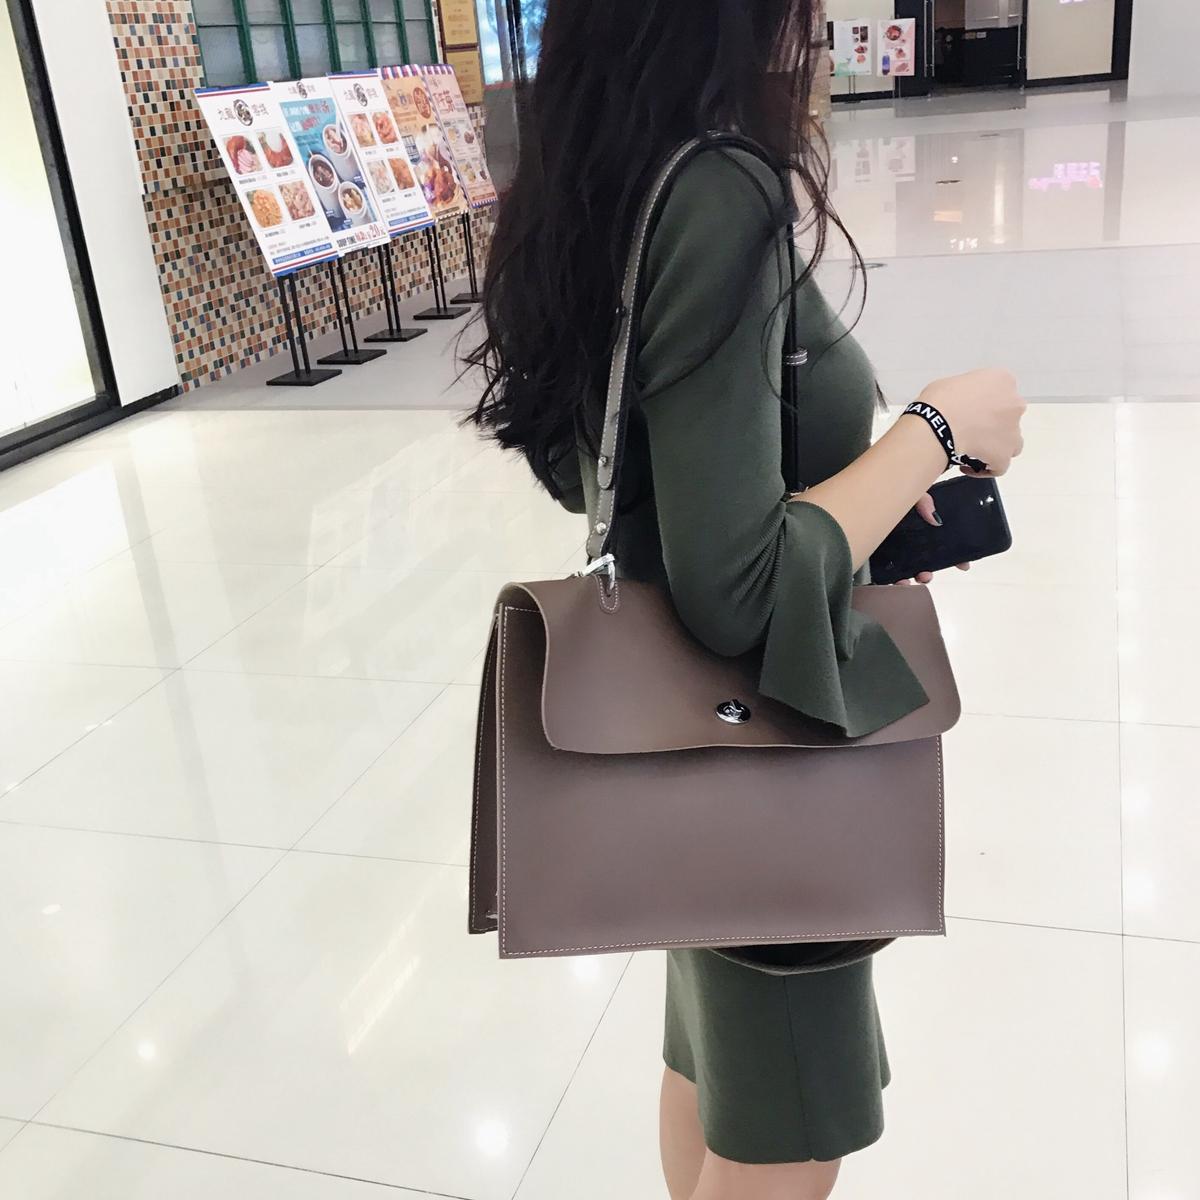 素shop简约单肩包大包包女2017新款韩版斜跨包百搭时尚帅气复古包